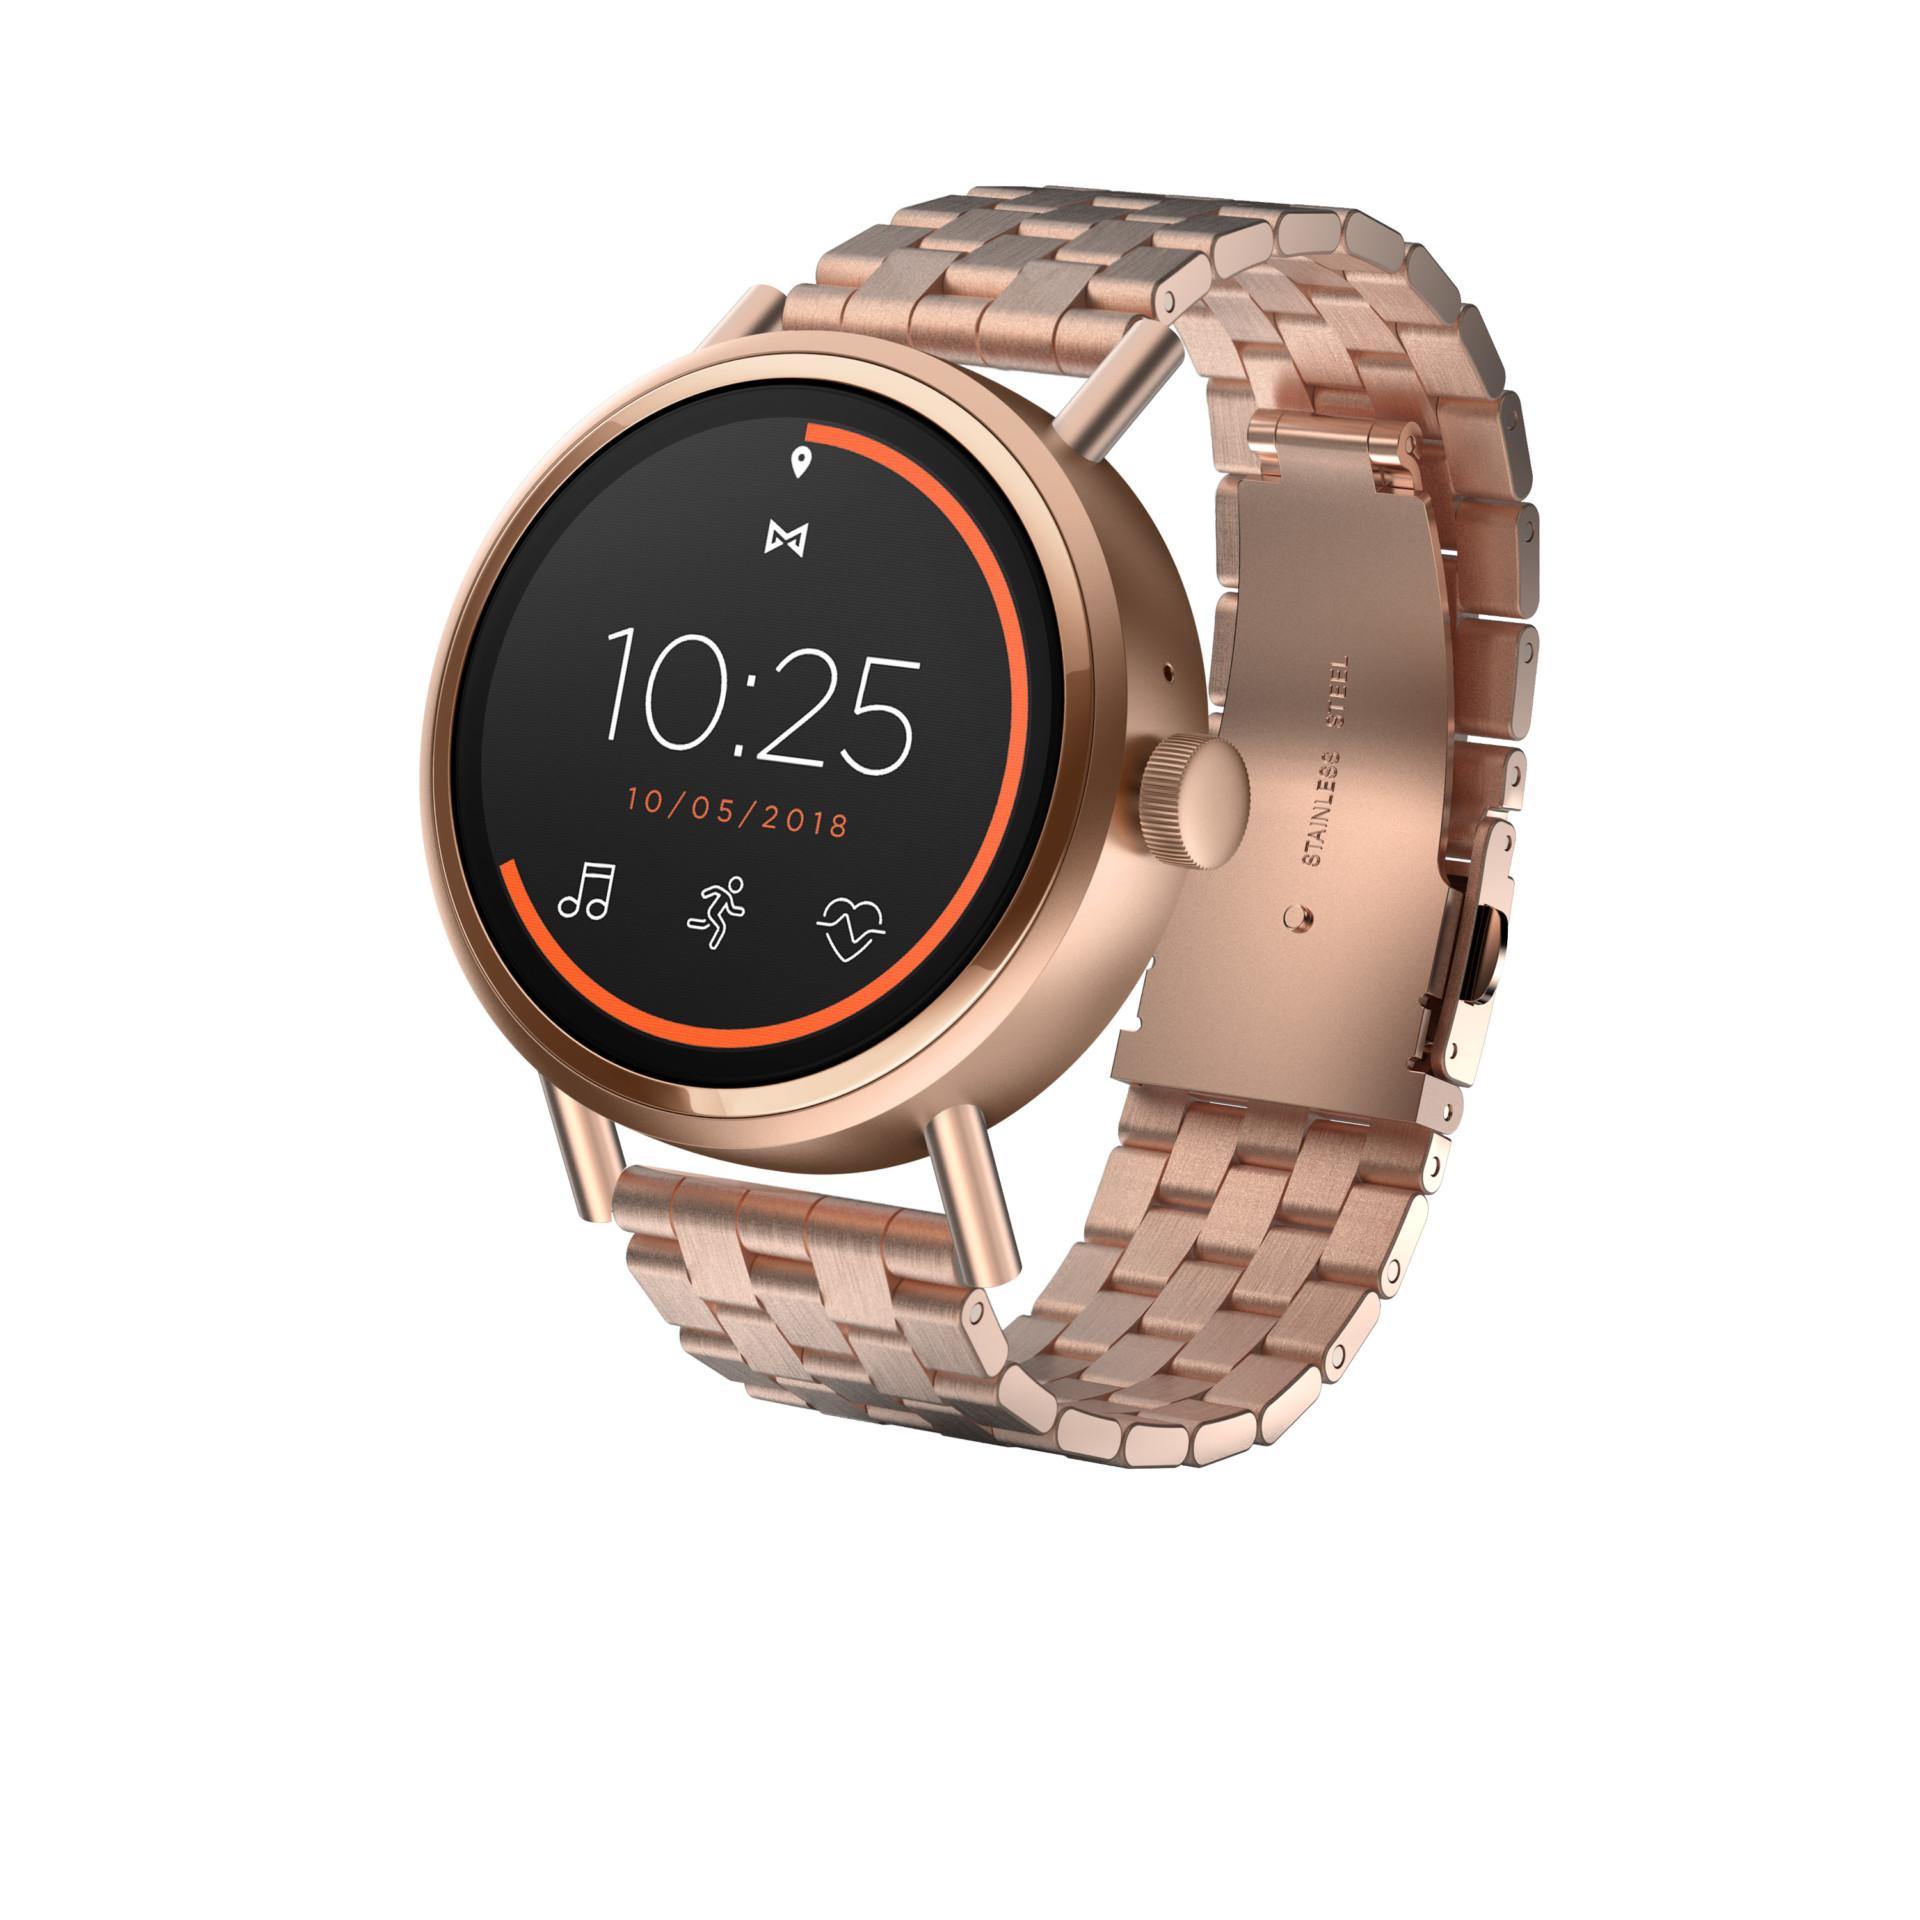 misfit vapor 2 smartwatch colors gold